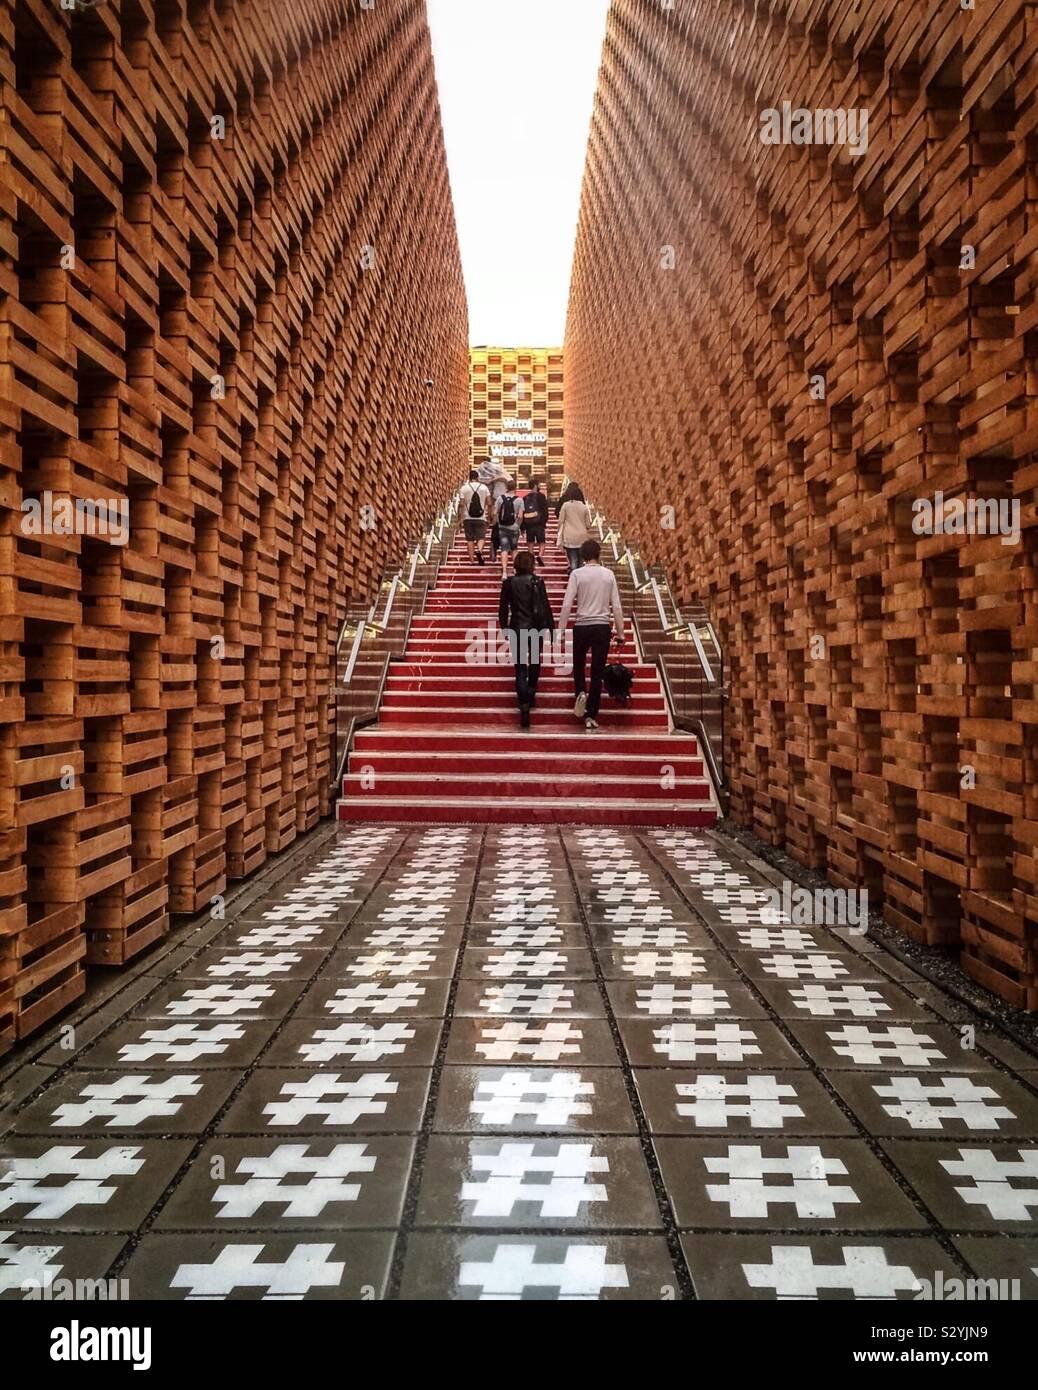 Menschen gehen auf eine Treppe zwischen Mauerwerk und ein HASHTAG-themed Boden Stockfoto